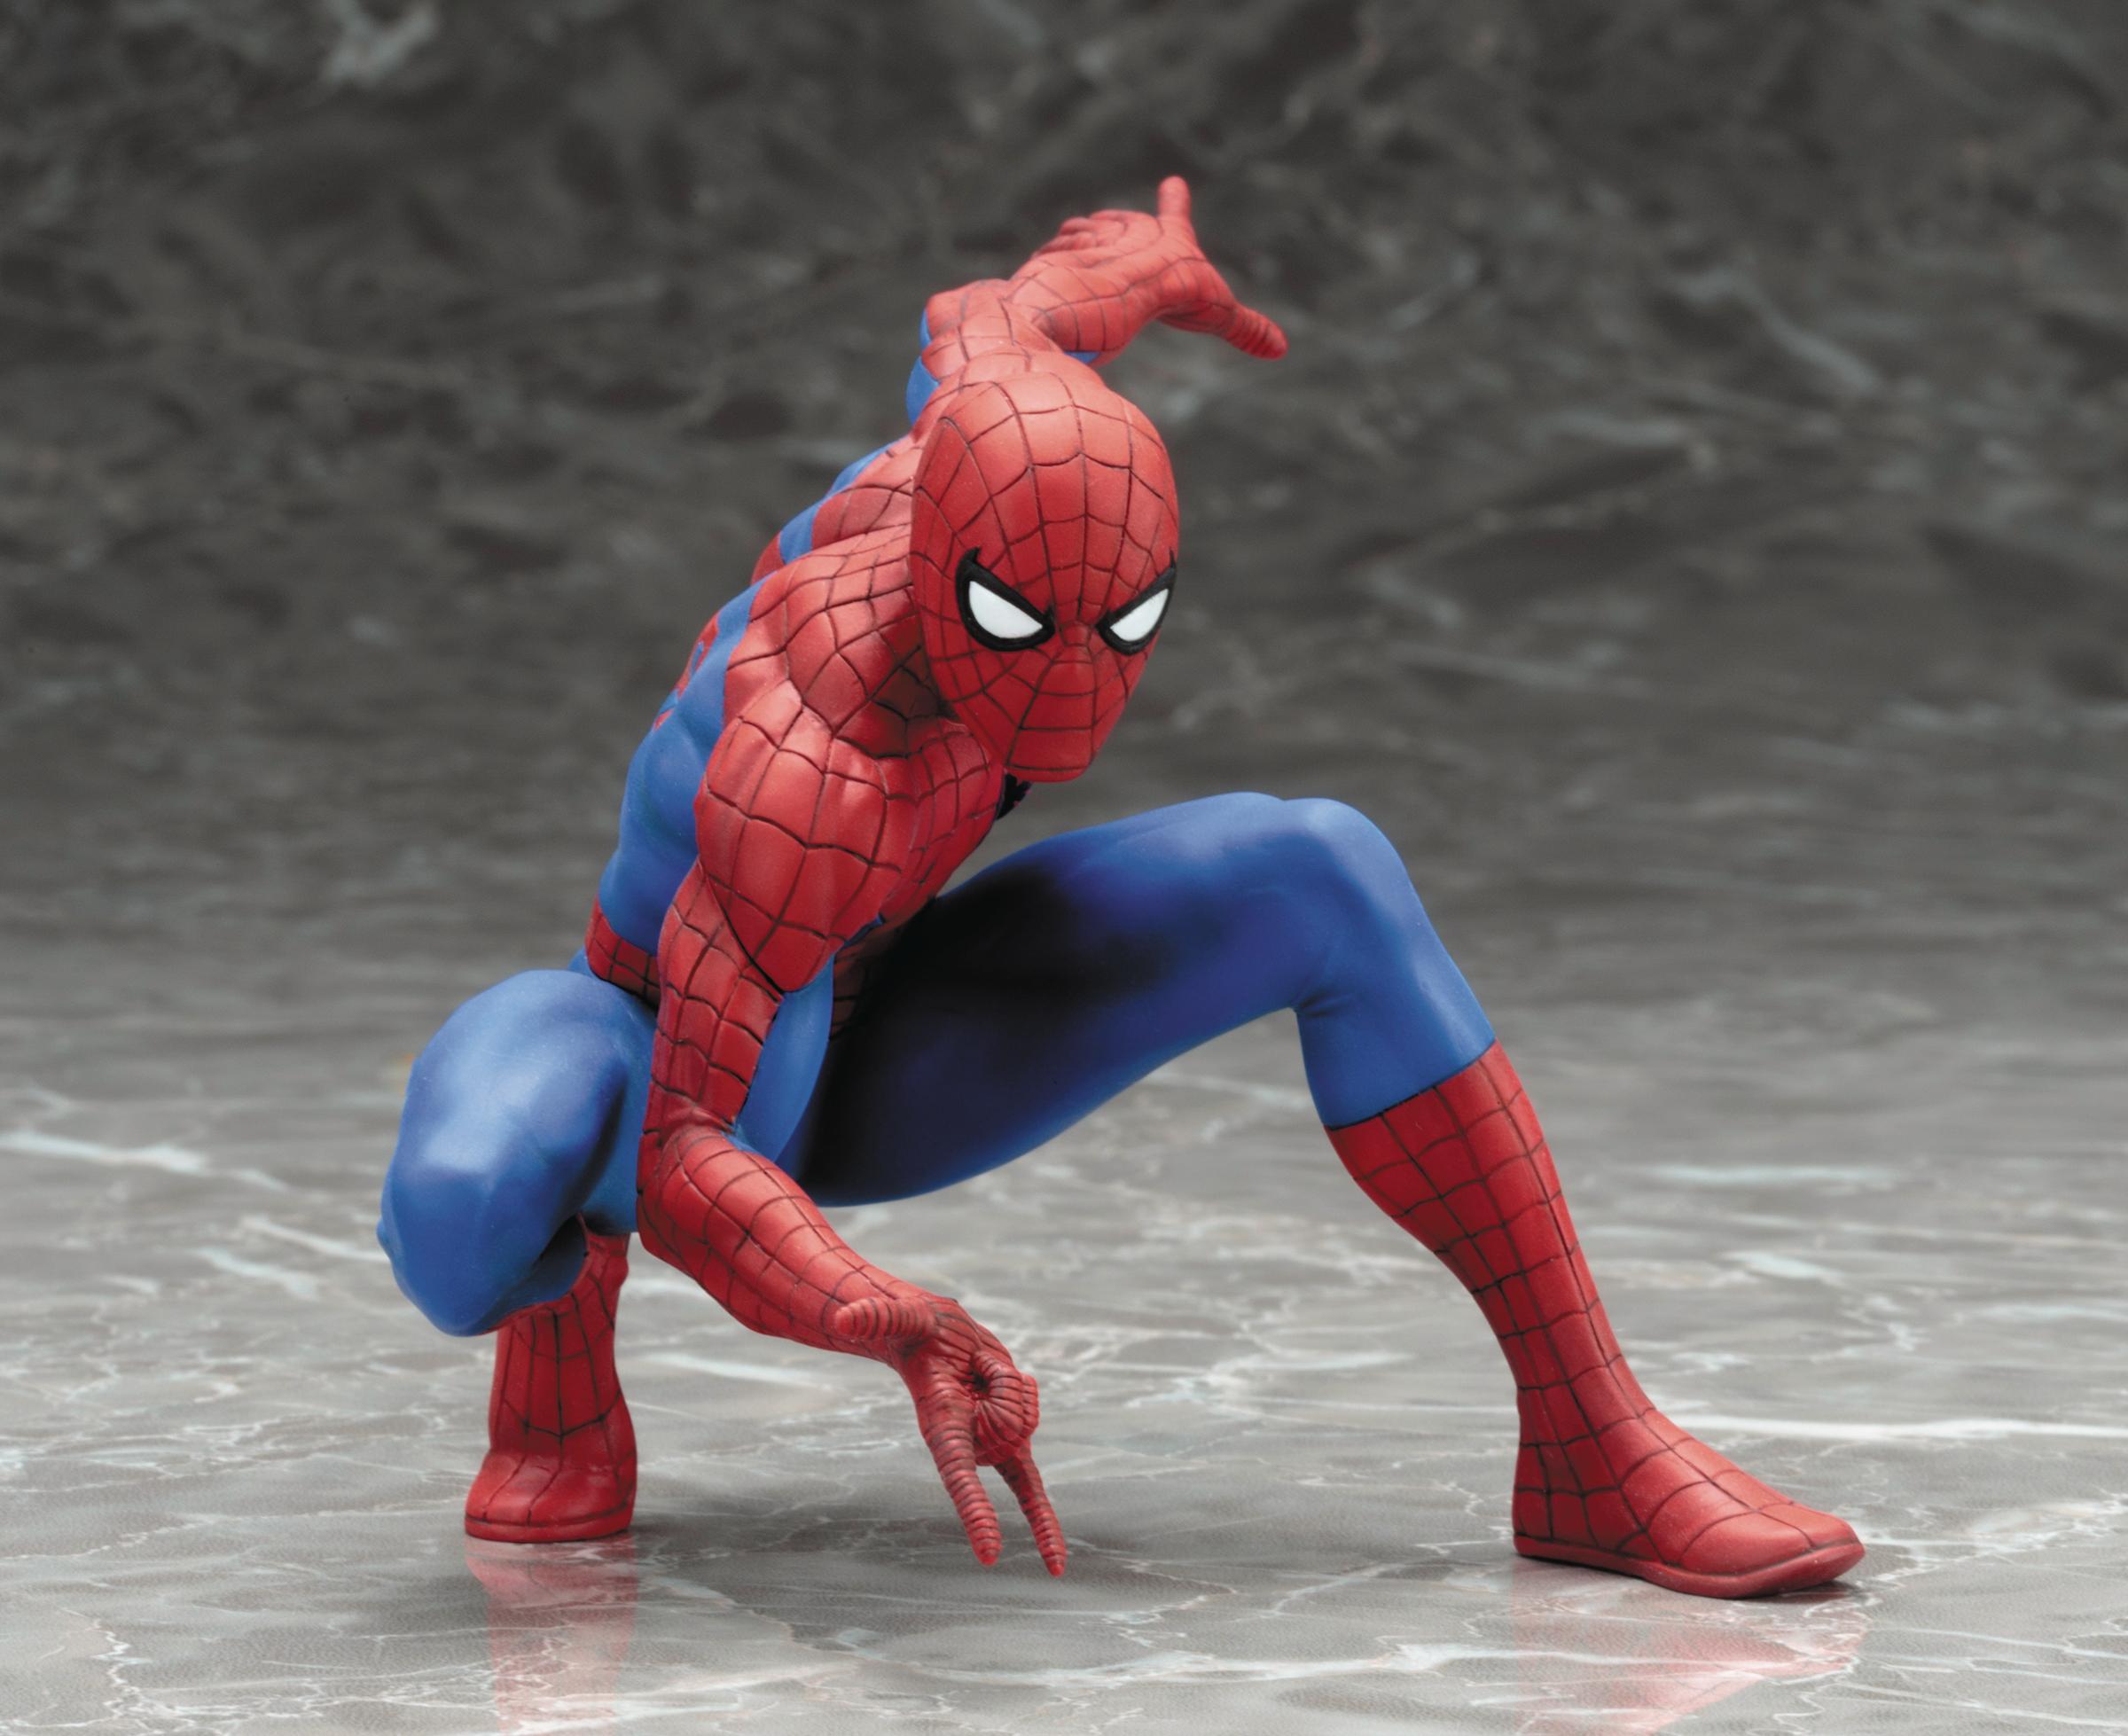 AMAZING SPIDER-MAN SPIDER-MAN ARTFX+ STATUE